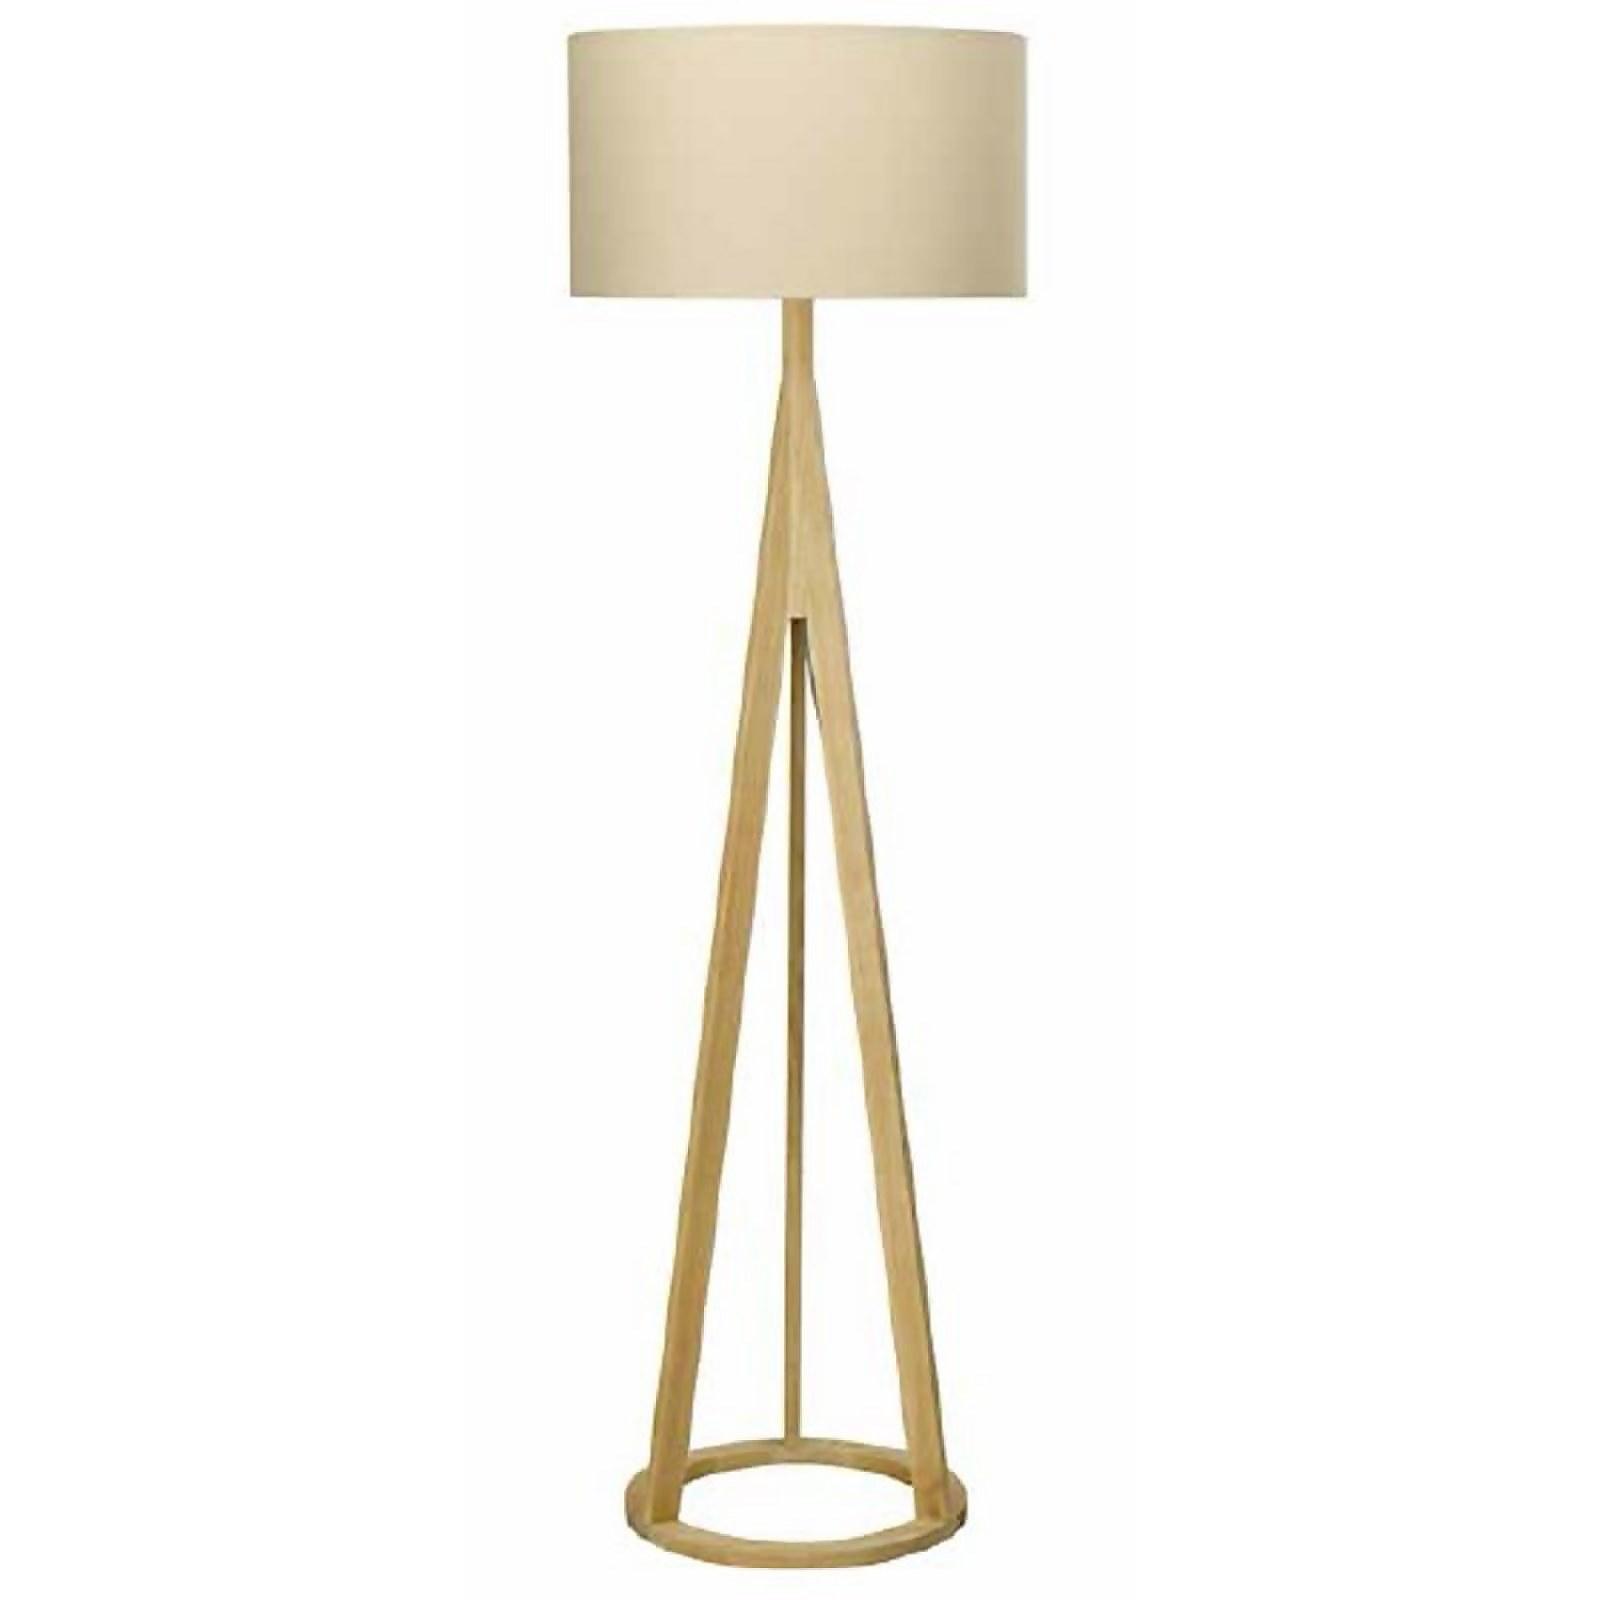 Mason Wooden Tripod Floor Lamp